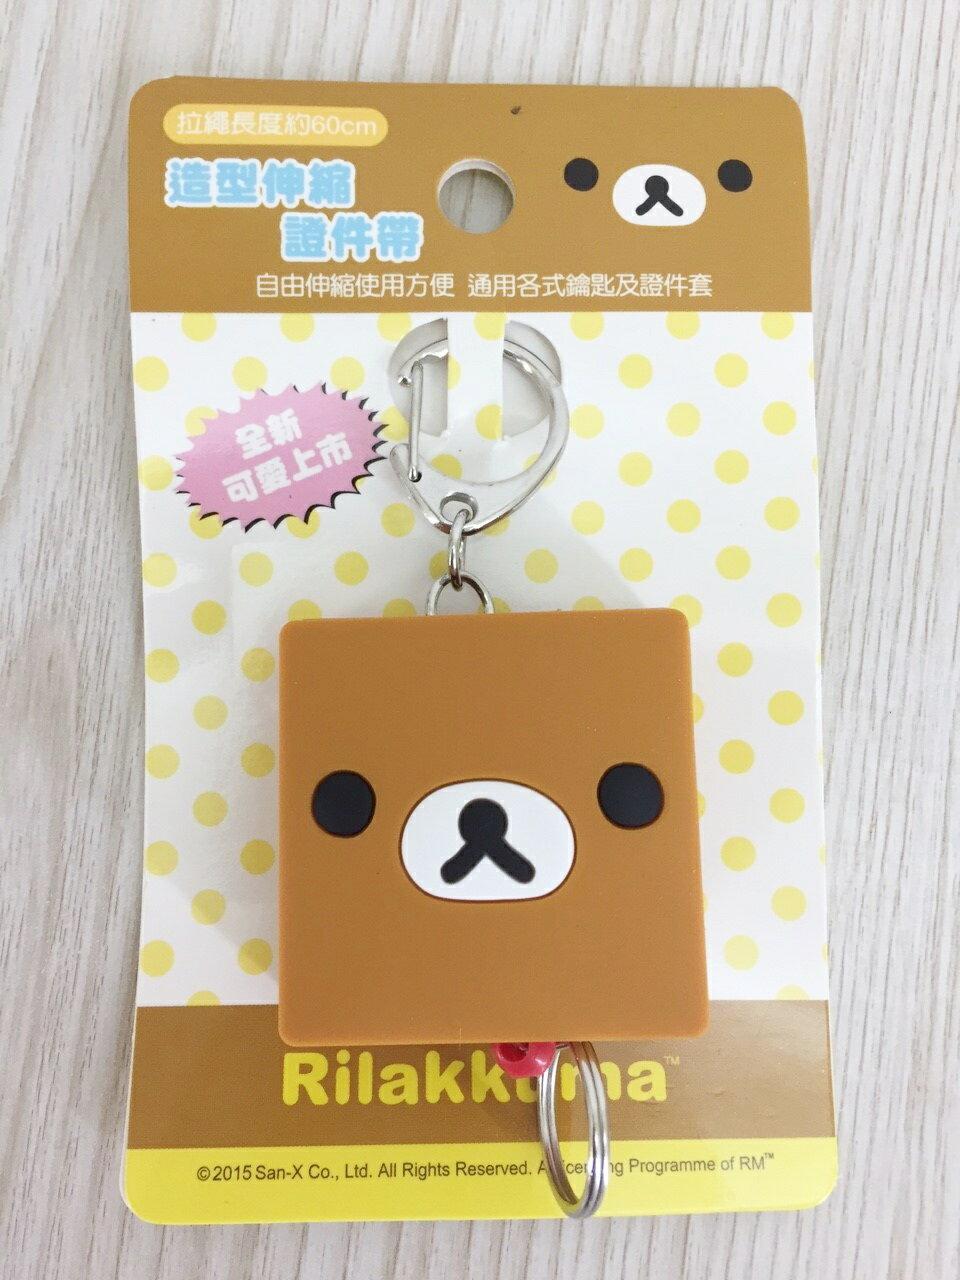 【真愛日本】15120100019方型伸縮證件帶-懶熊 SAN-X 懶熊 奶妹 奶熊 拉拉熊 證件夾 證件帶 生活用品